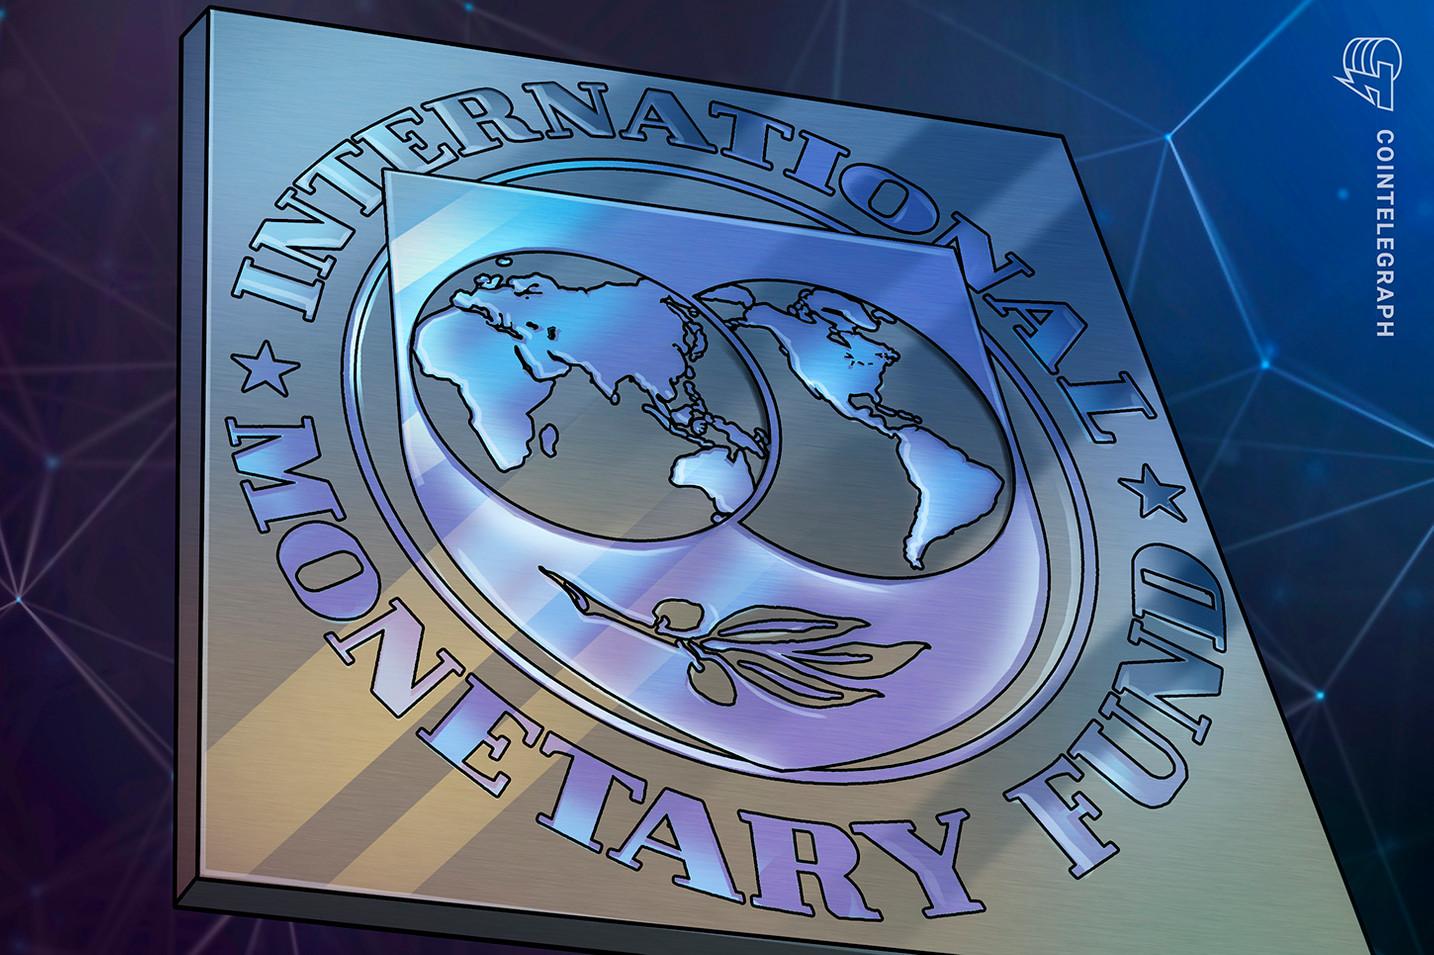 IMF、仮想通貨への監視強化を改めて表明